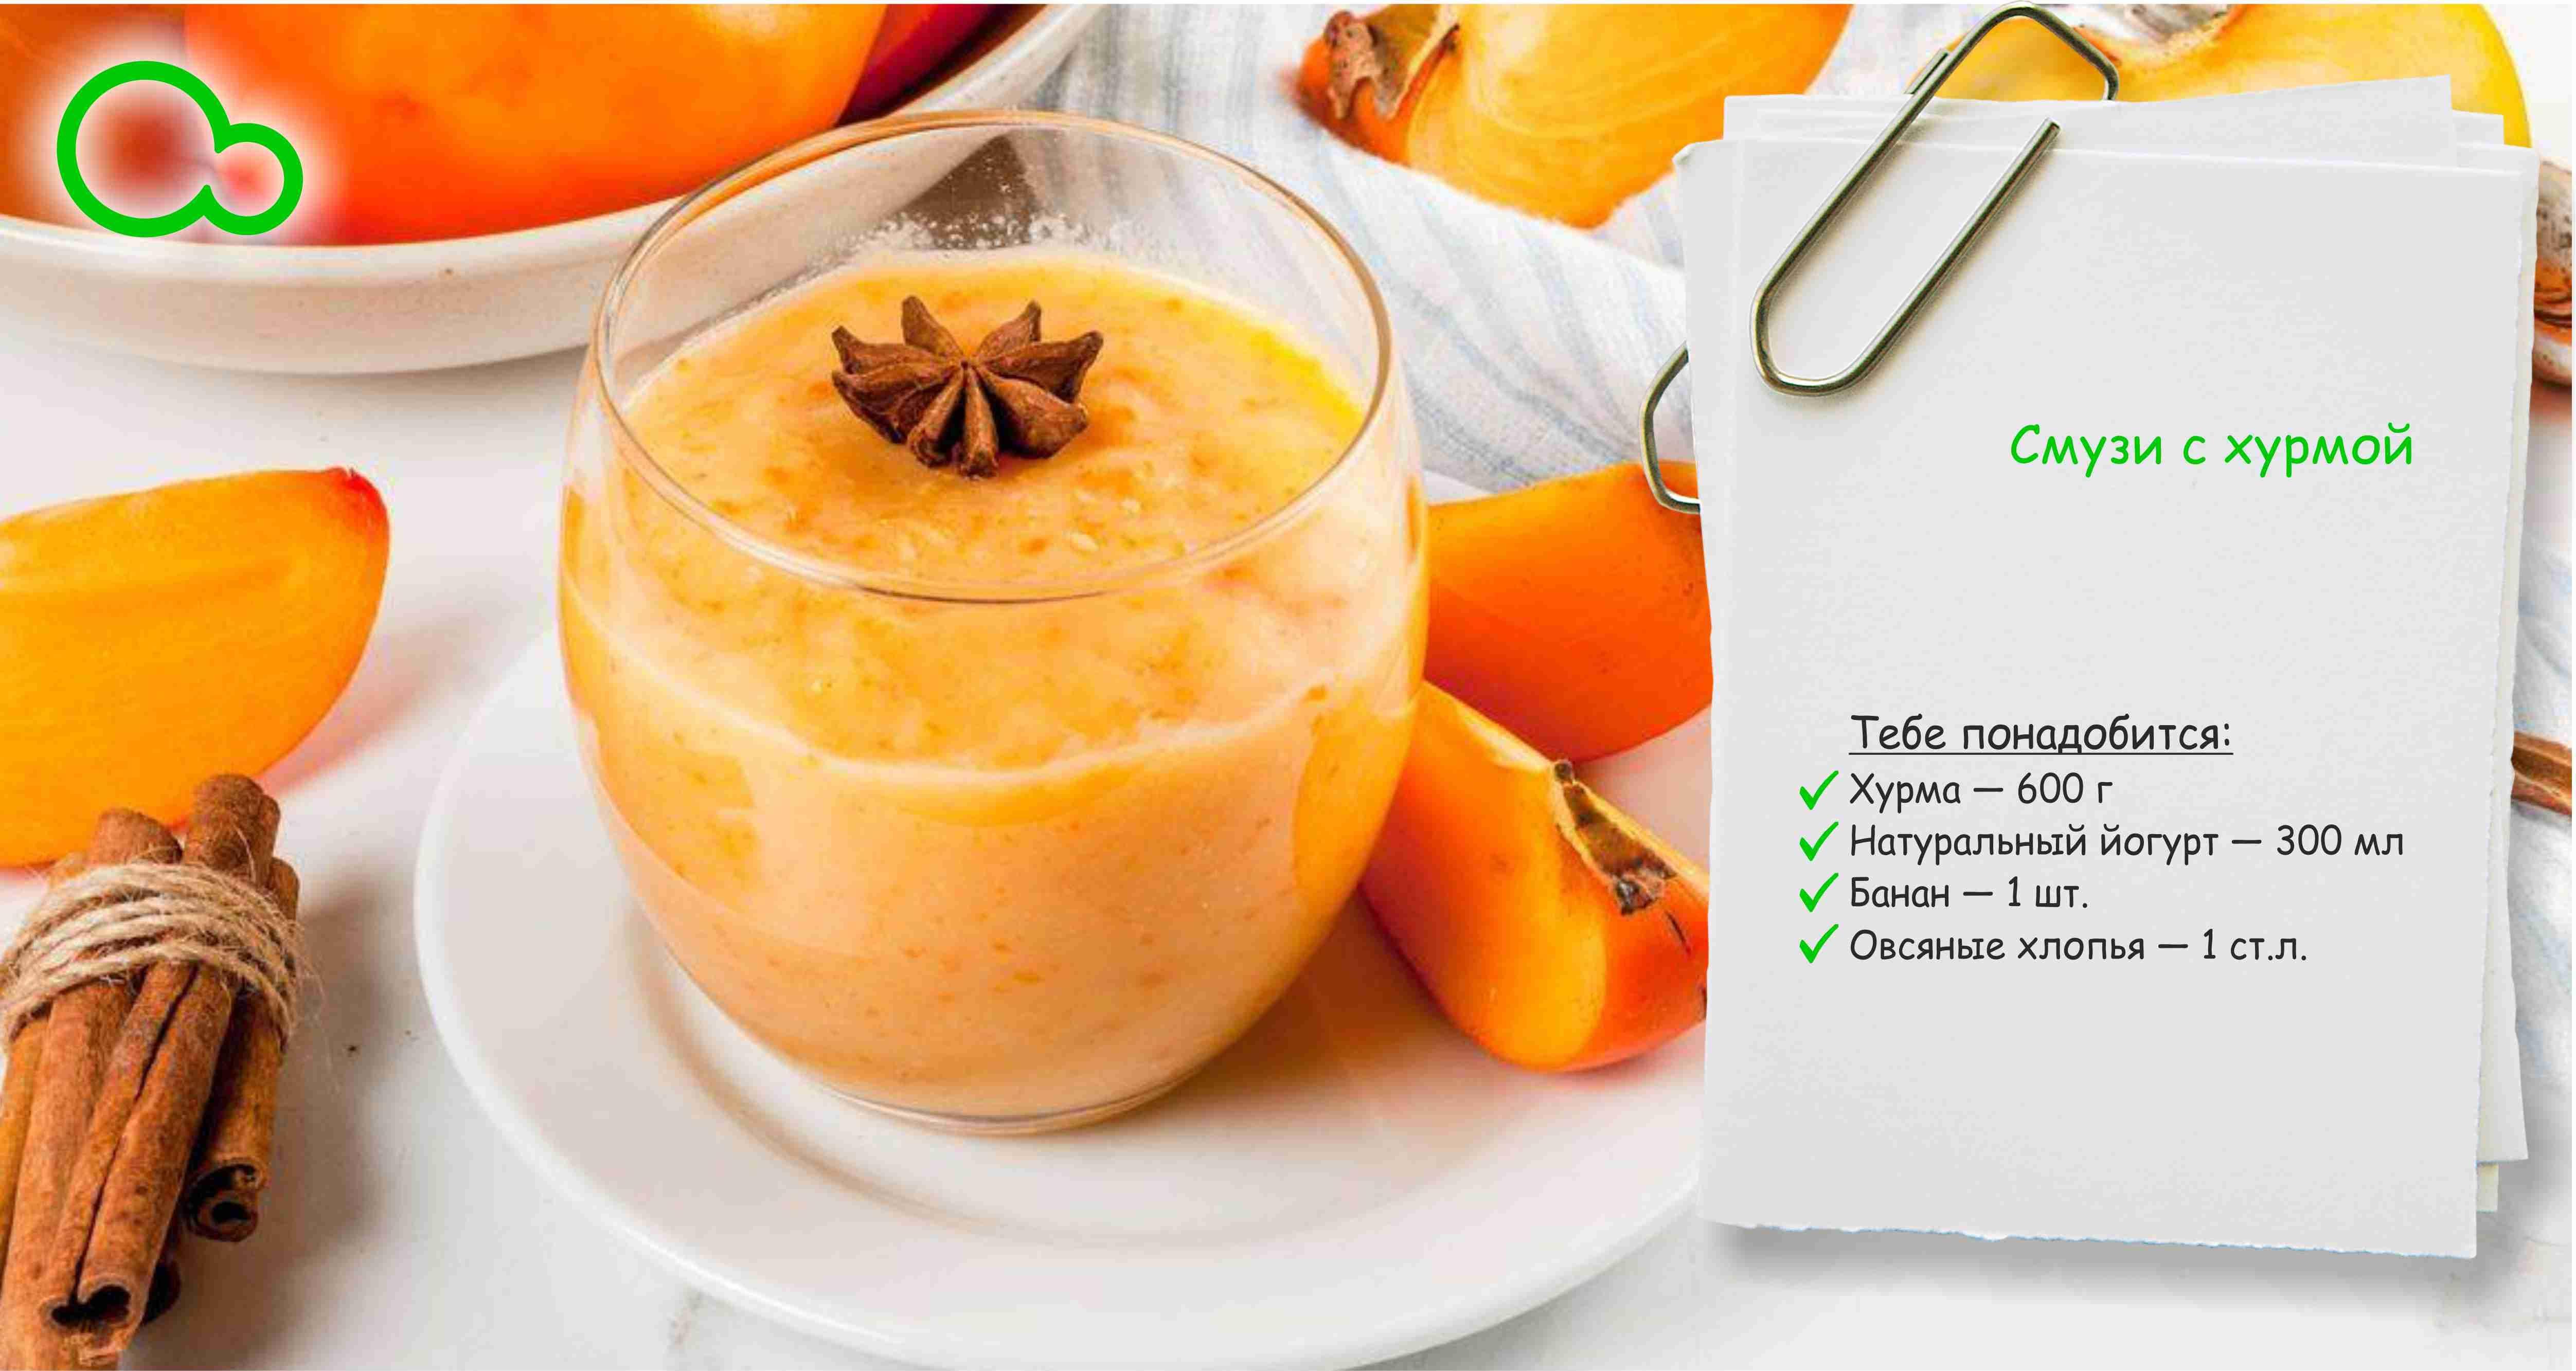 Смузи с хурмой, бананом и апельсином: рецепт с фото пошагово